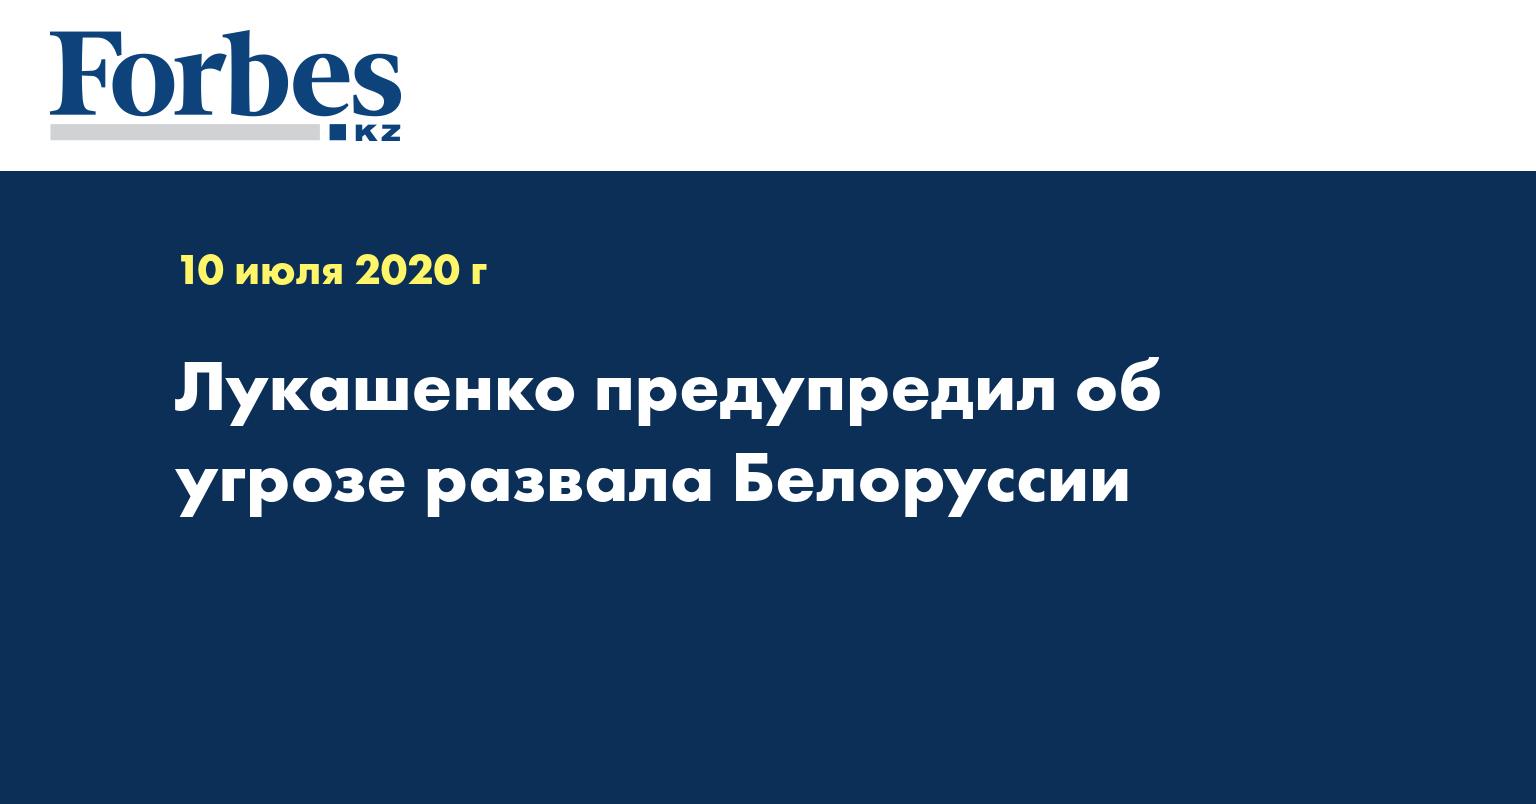 Лукашенко предупредил об угрозе развала Белоруссии